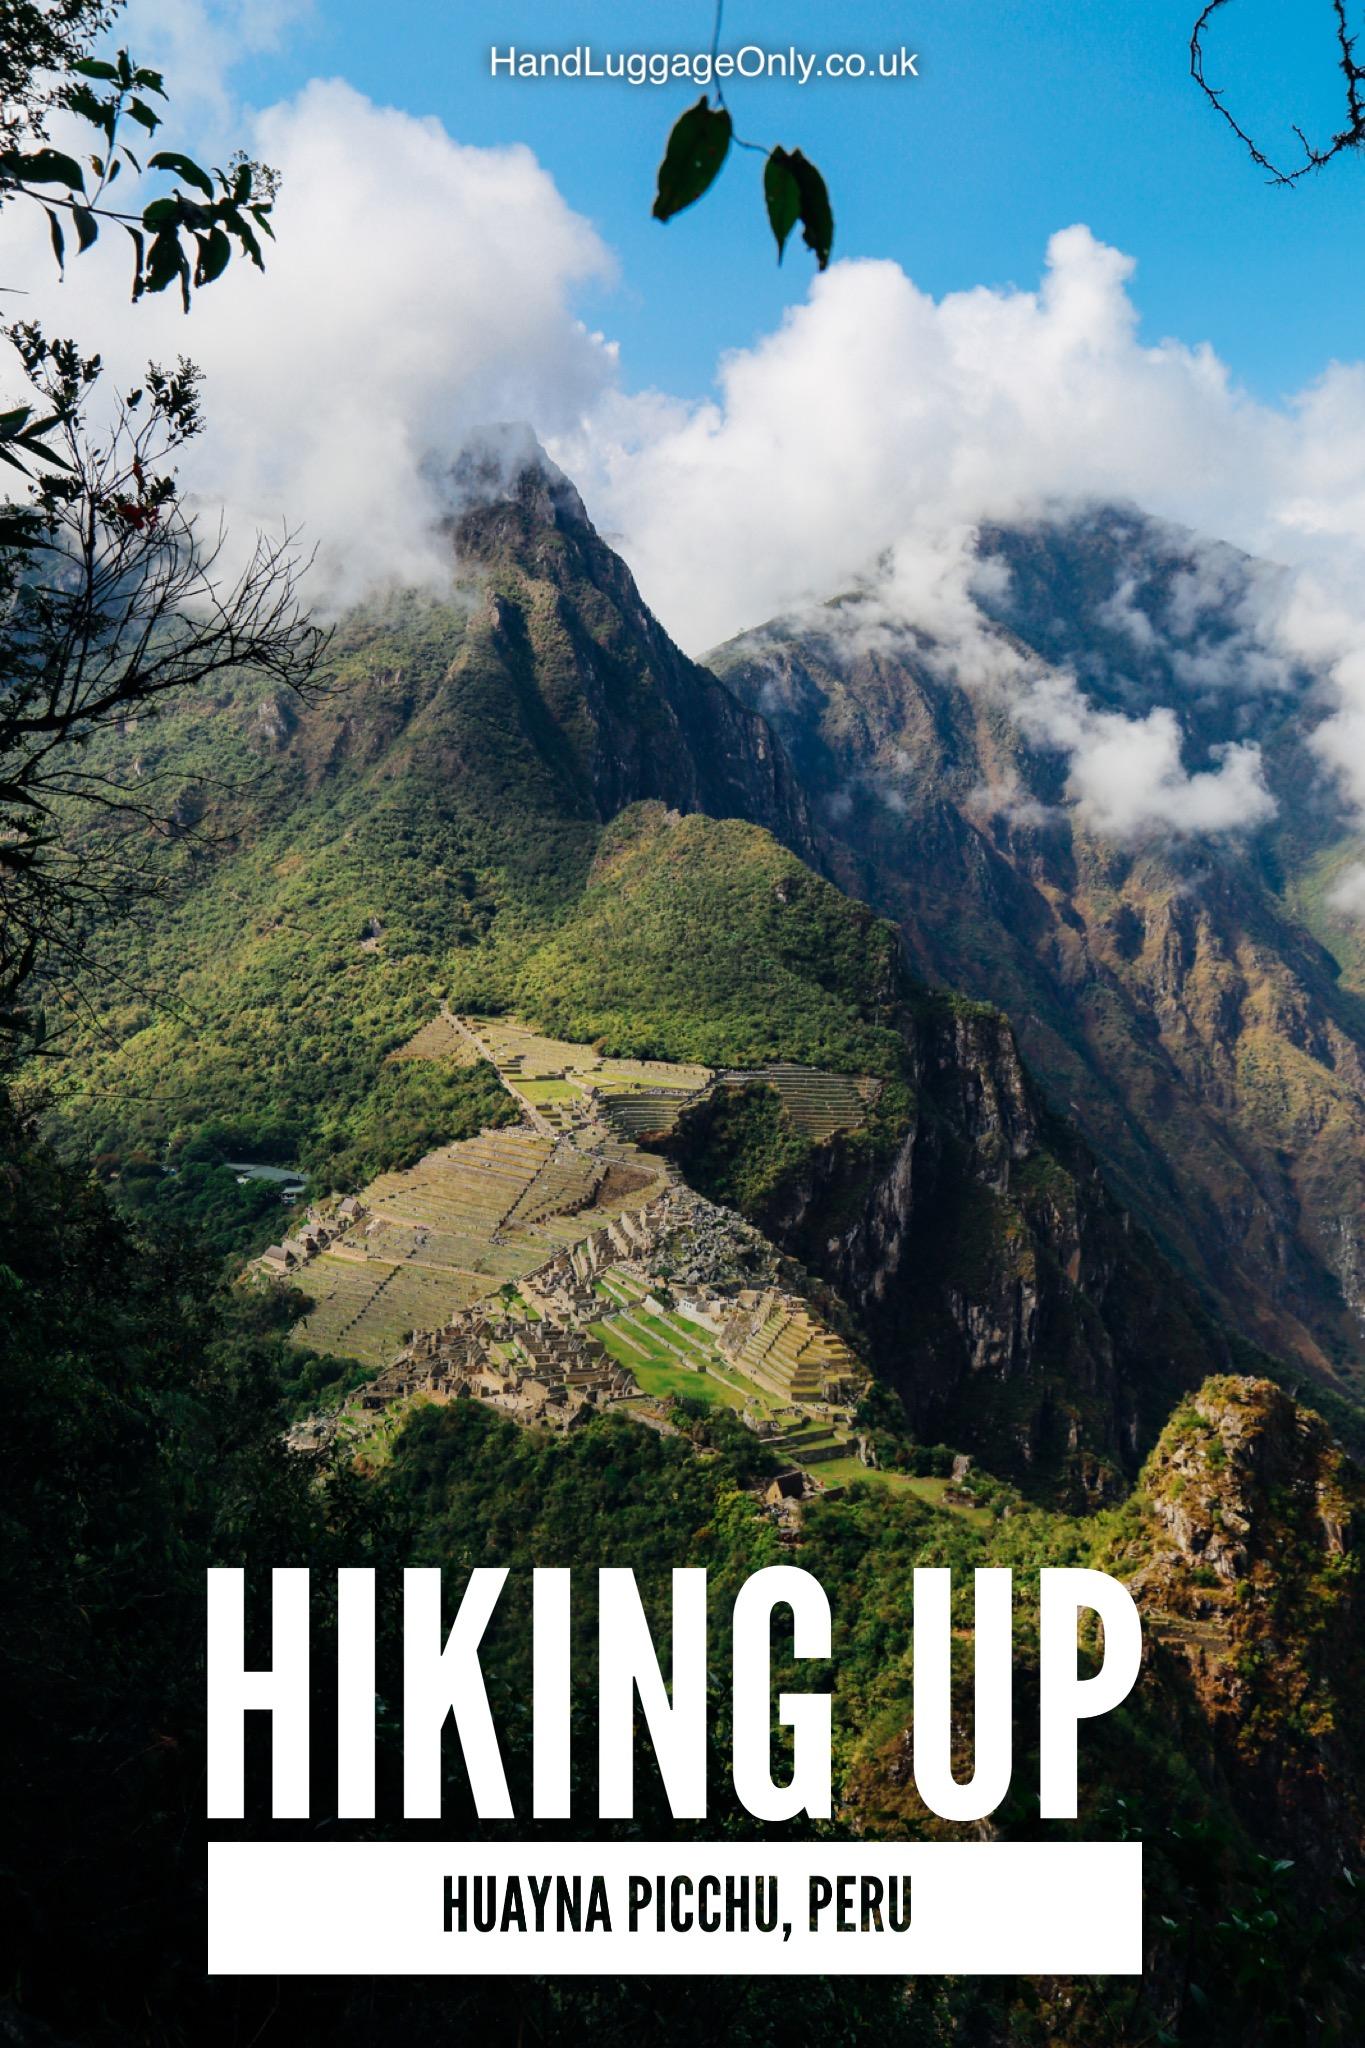 A Day In Machu Picchu... And Hiking The Impressive Huayna Picchu Mountain, Peru (2)